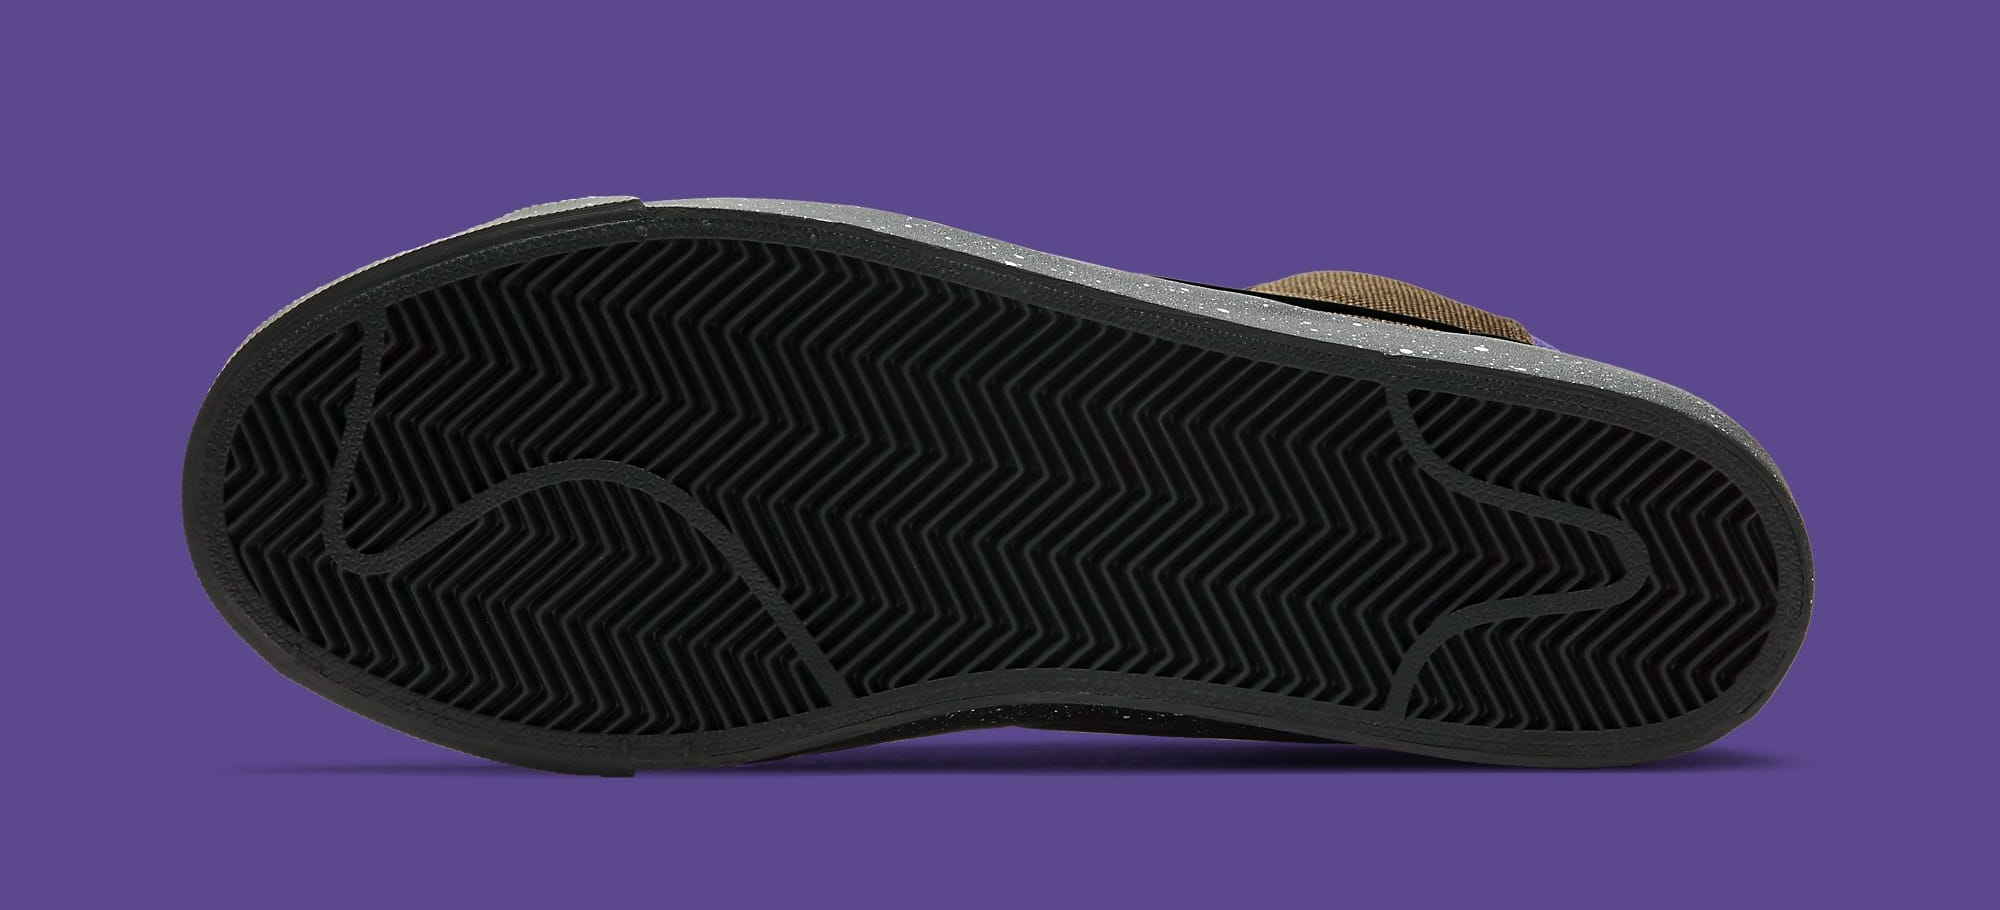 Nike SB Blazer High 'GTP' DC0615-200 Outsole